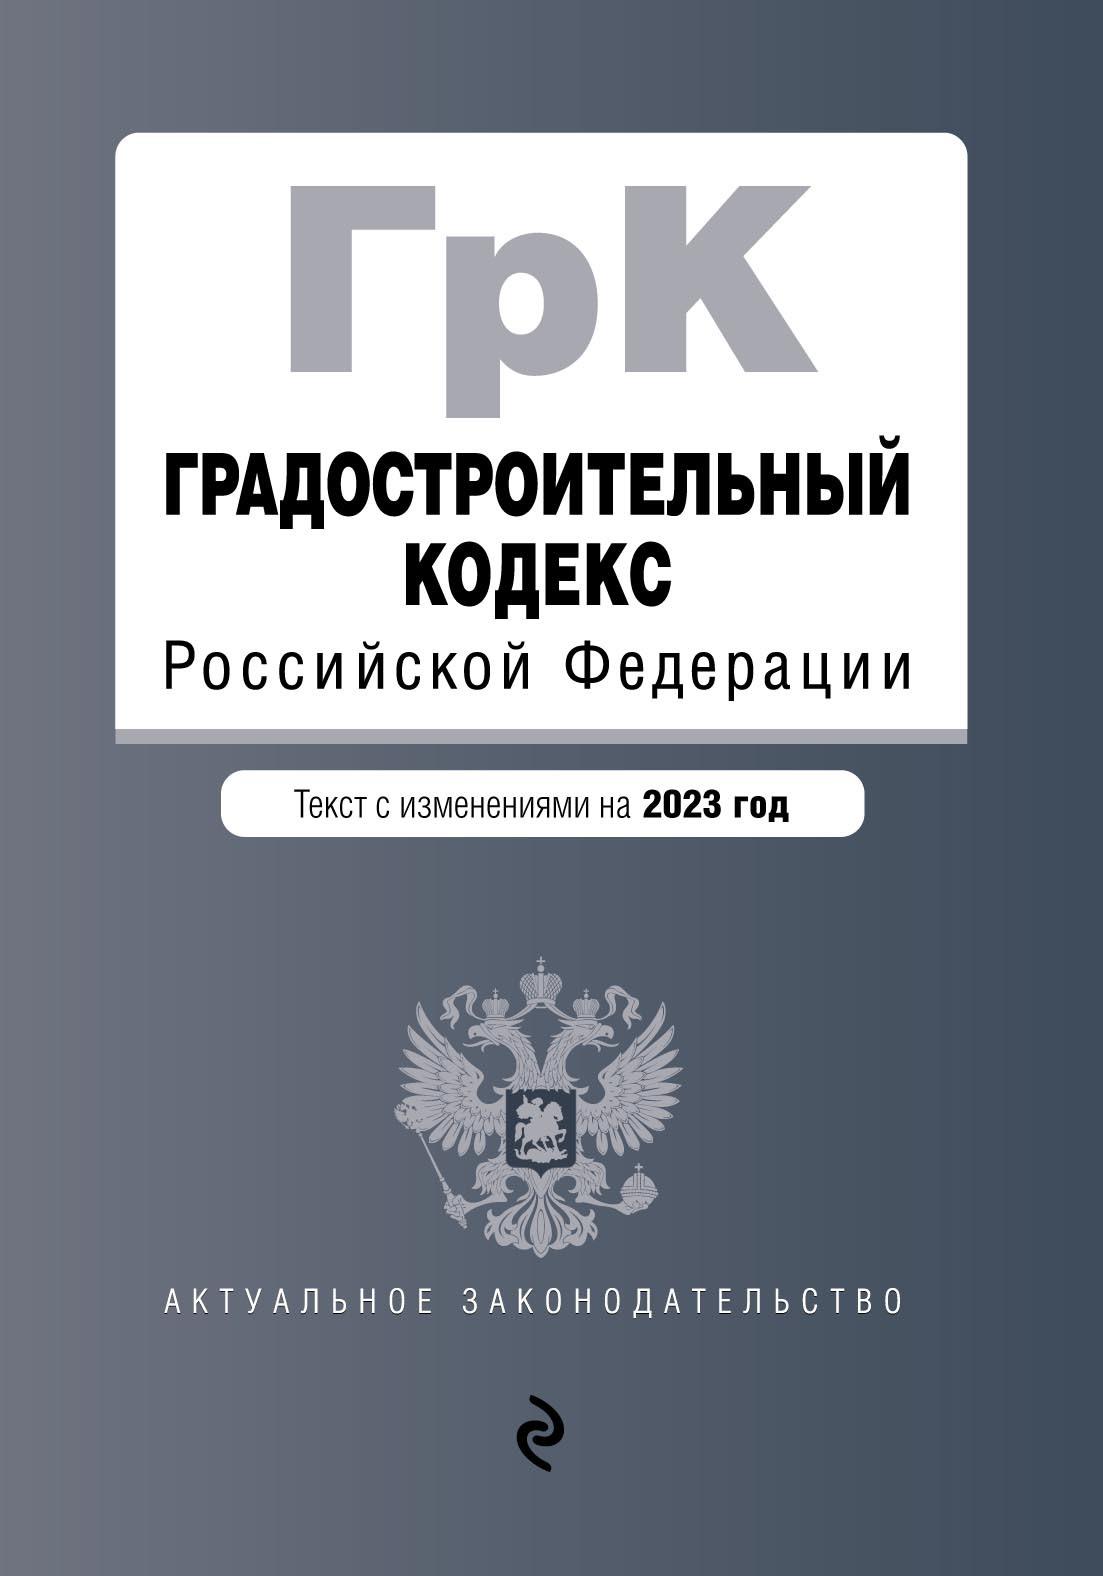 цены Отсутствует Градостроительный кодекс Российской Федерации. Текст с изменениями и дополнениями на 2018 год